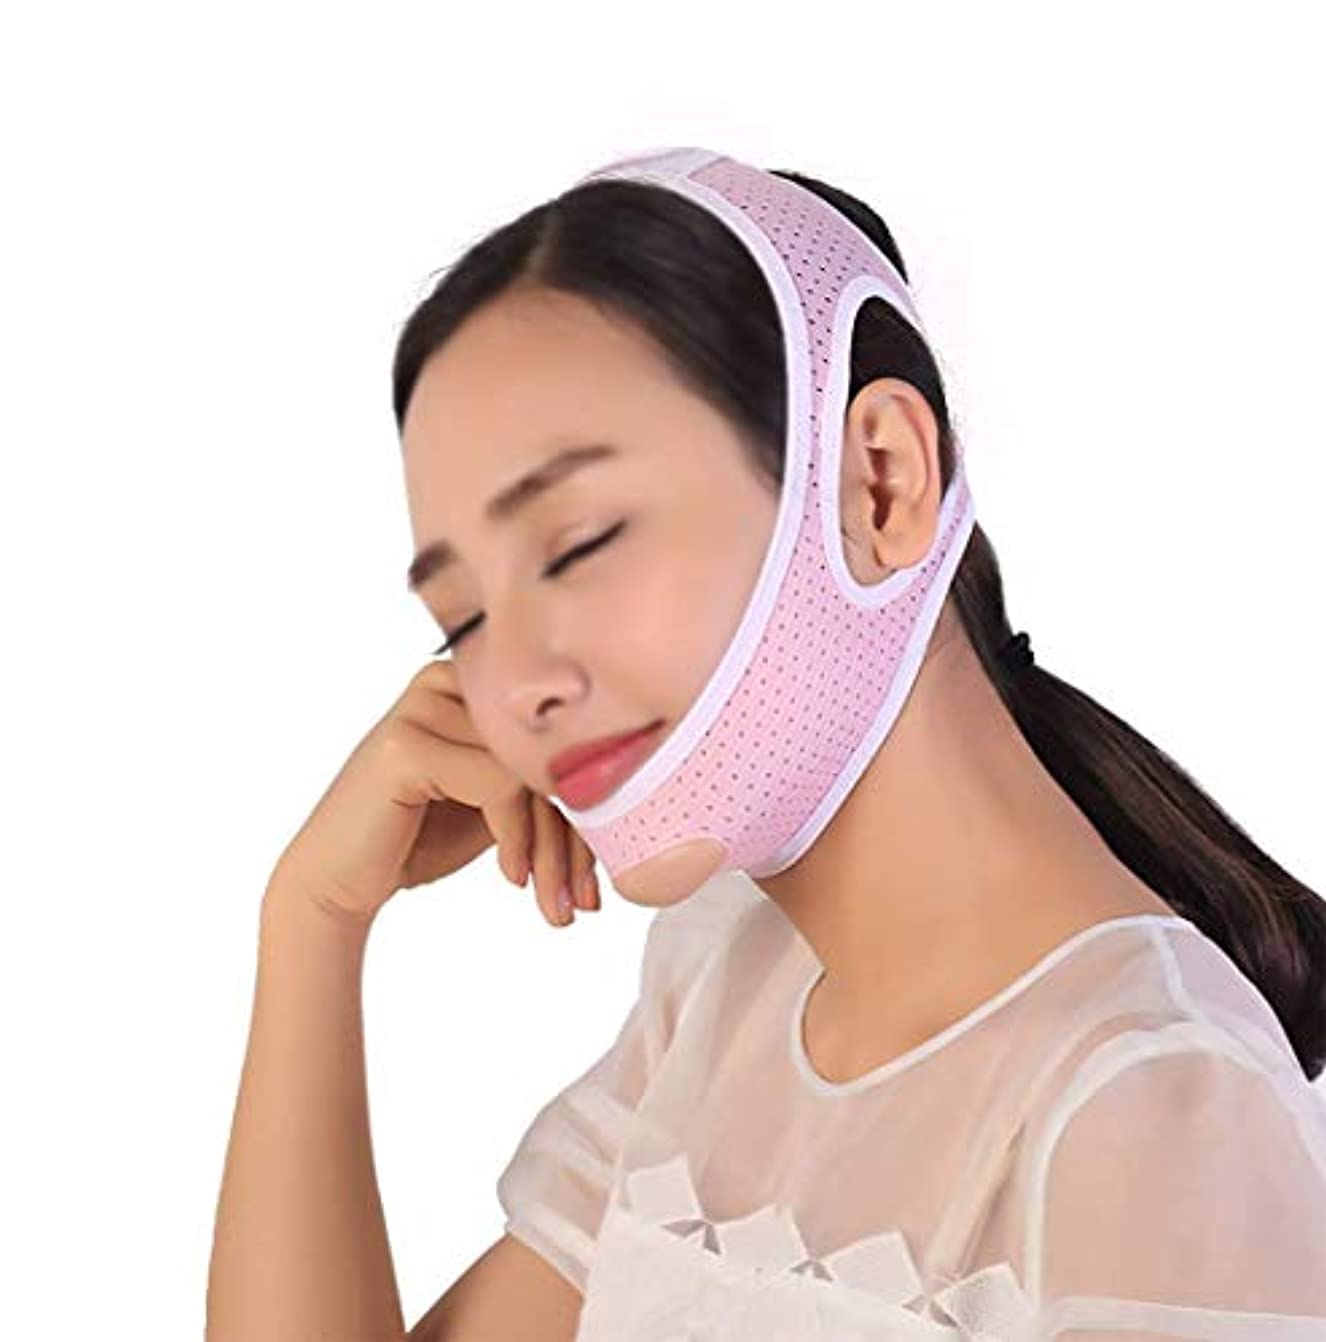 逃げる尊敬物理学者フェイスリフトフェイシャル、肌のリラクゼーションを防ぐためのタイトなVフェイスマスクVフェイスアーティファクトフェイスリフトバンデージフェイスケア(サイズ:M)